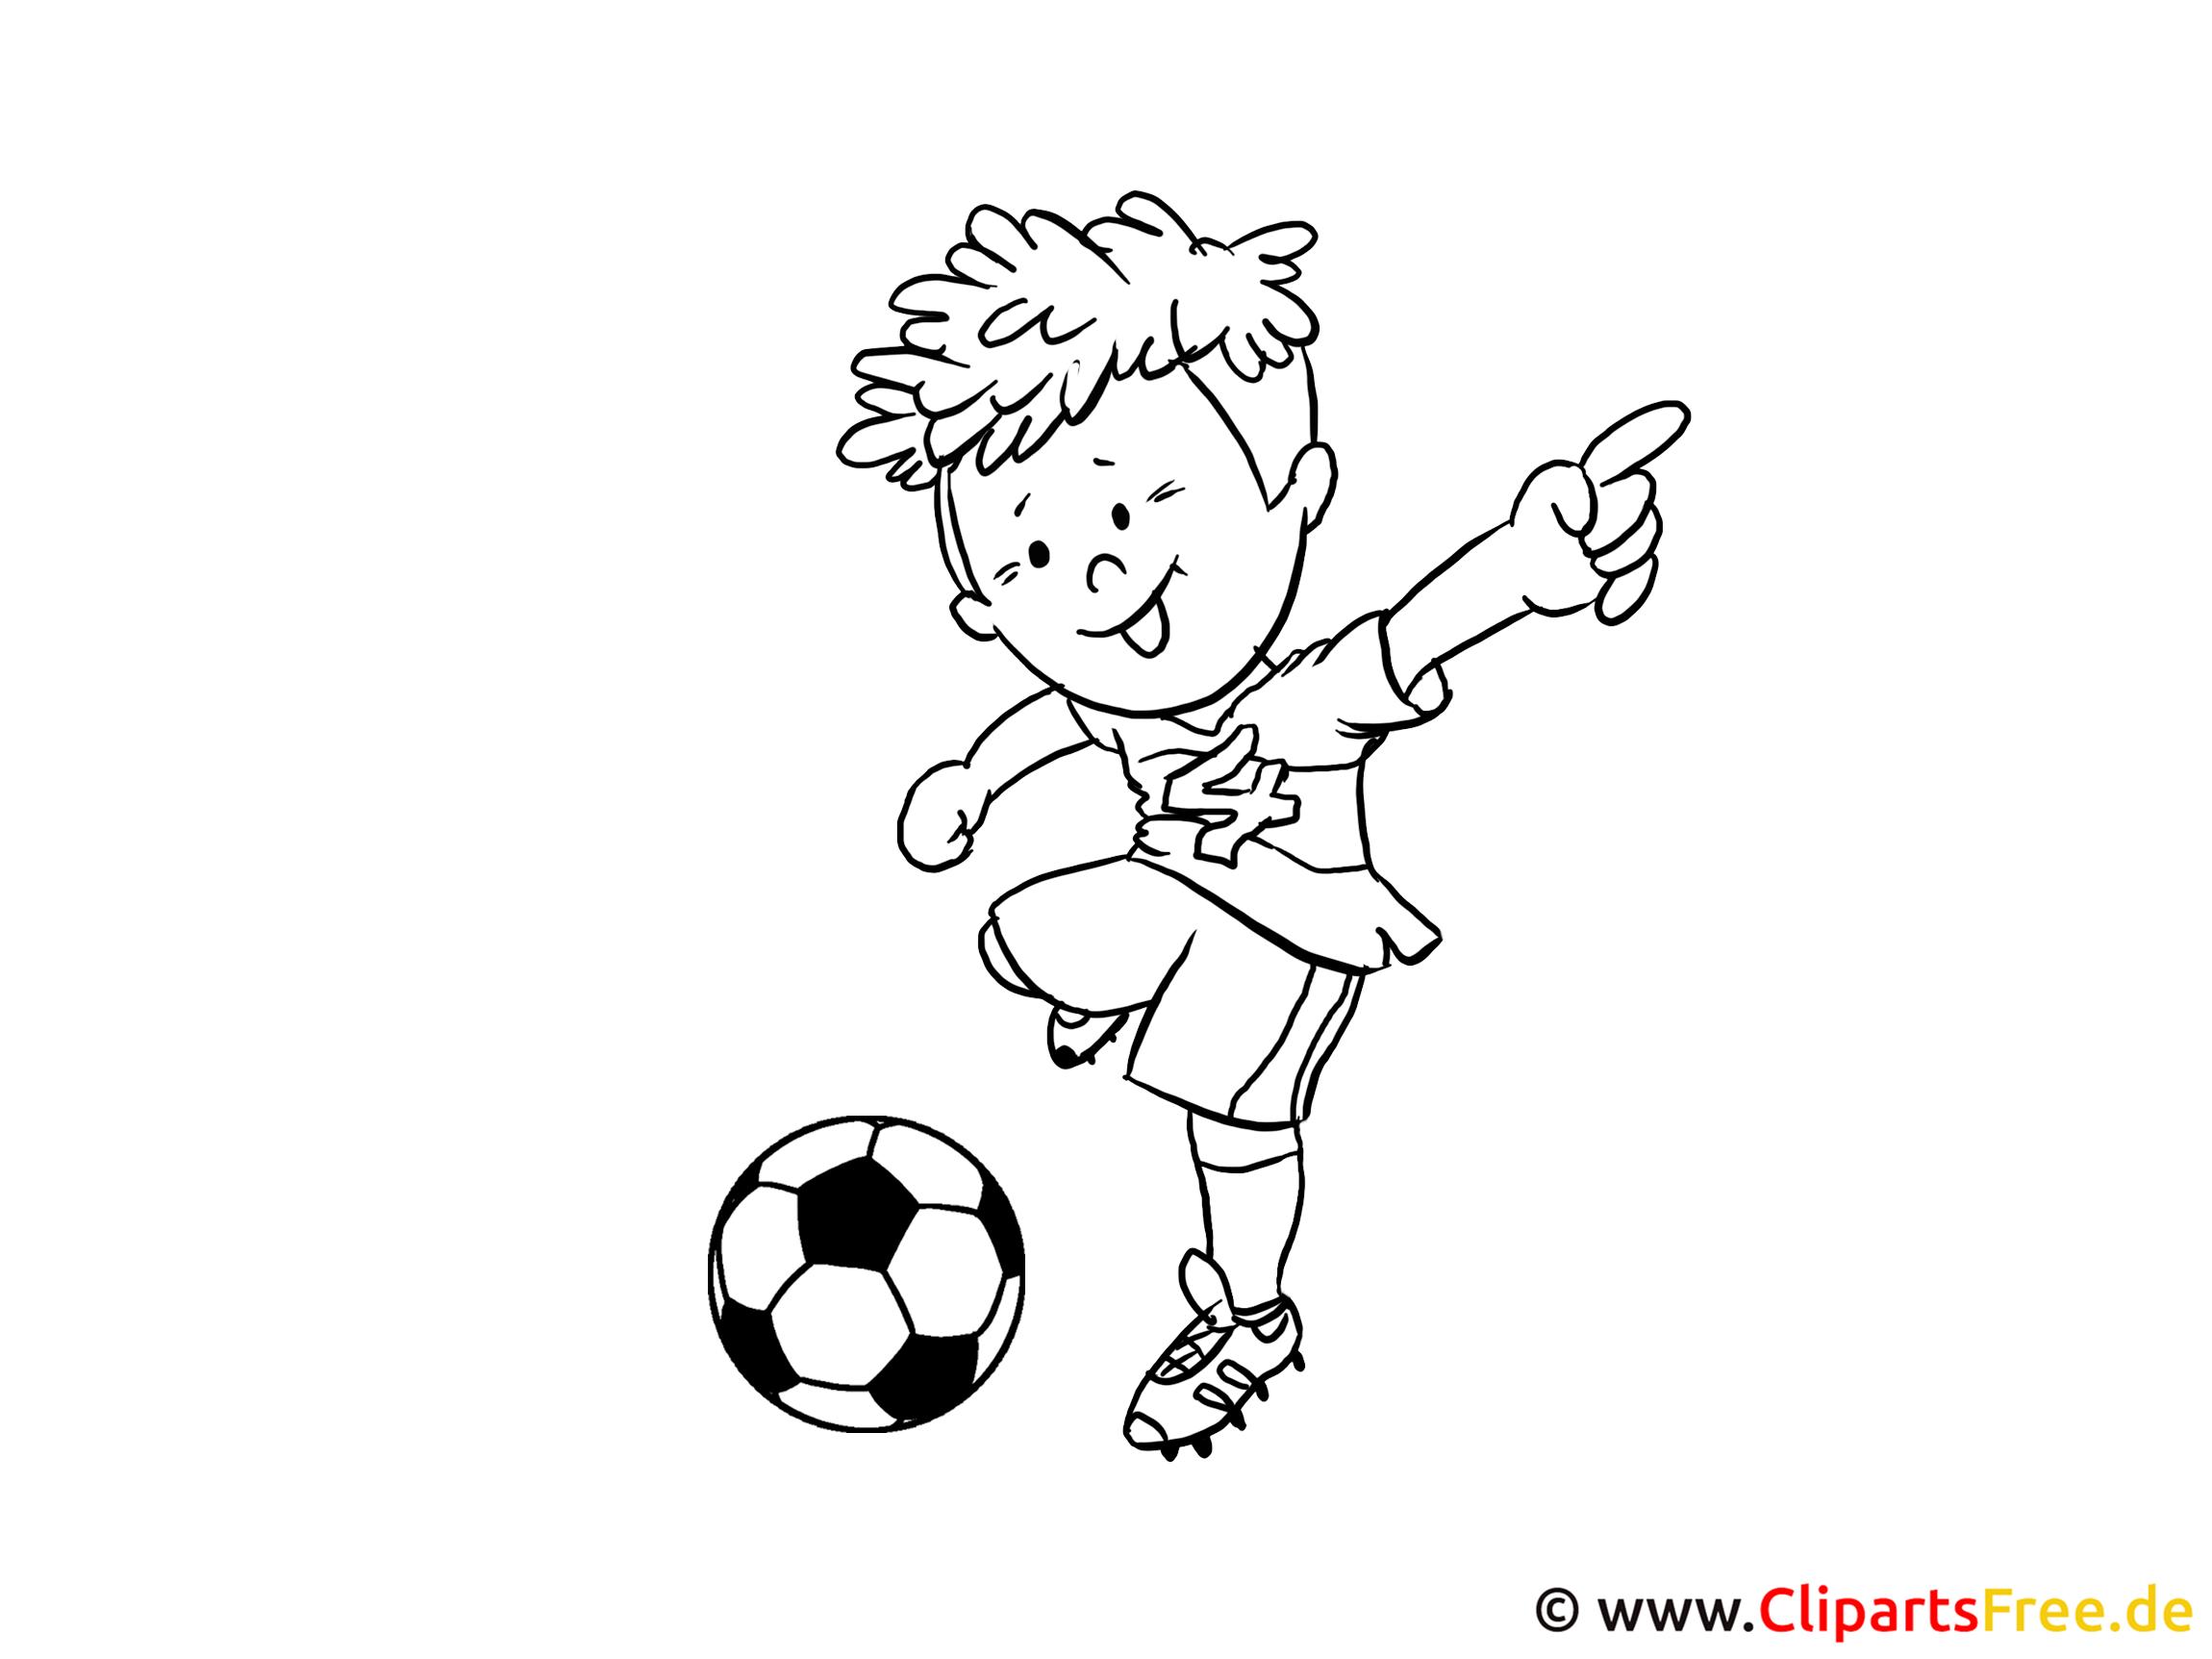 Fussball Zeichnung